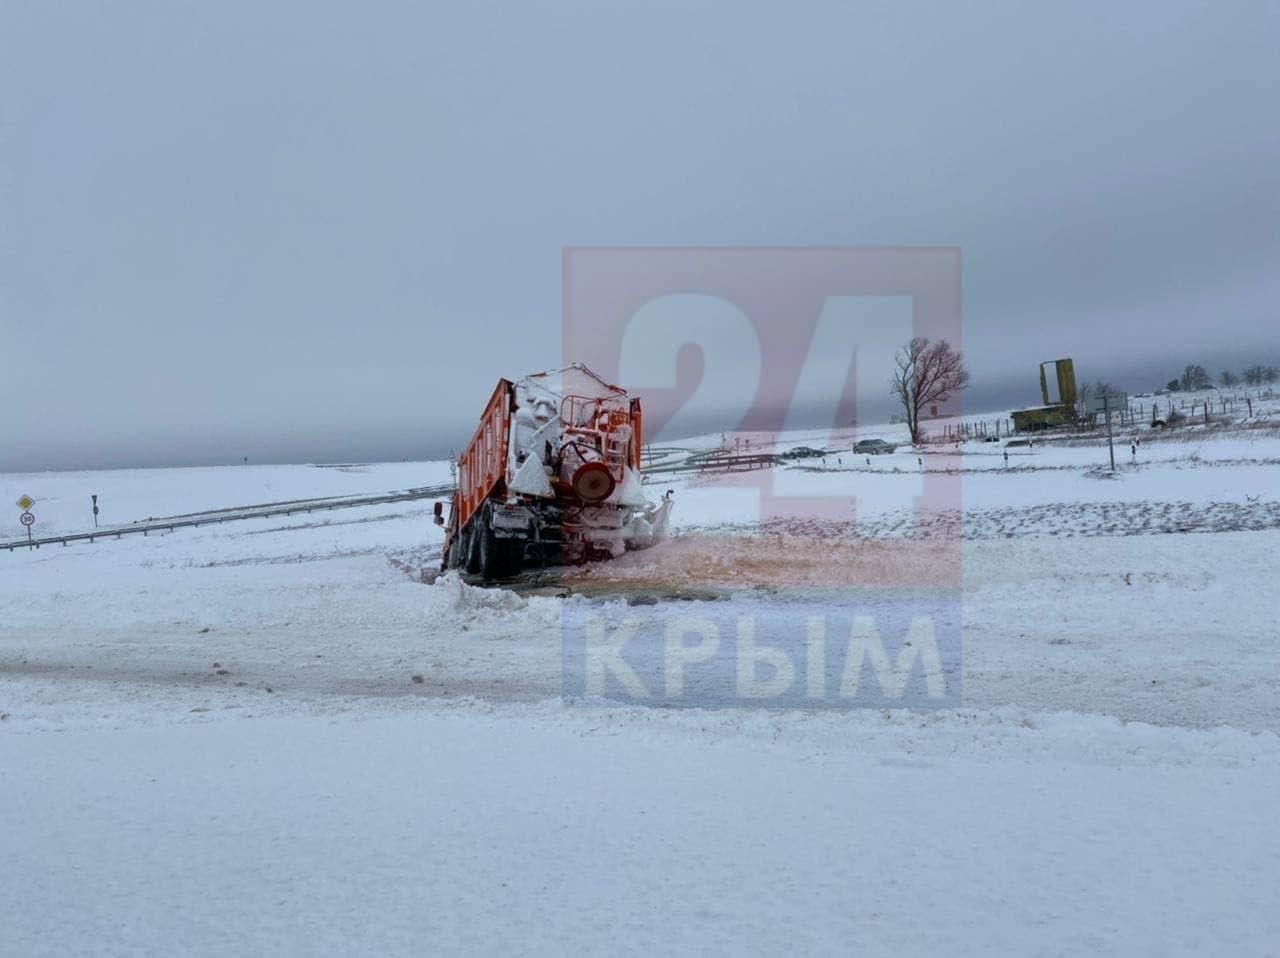 Под Керчью снегоуборочная машина застряла в сугробе